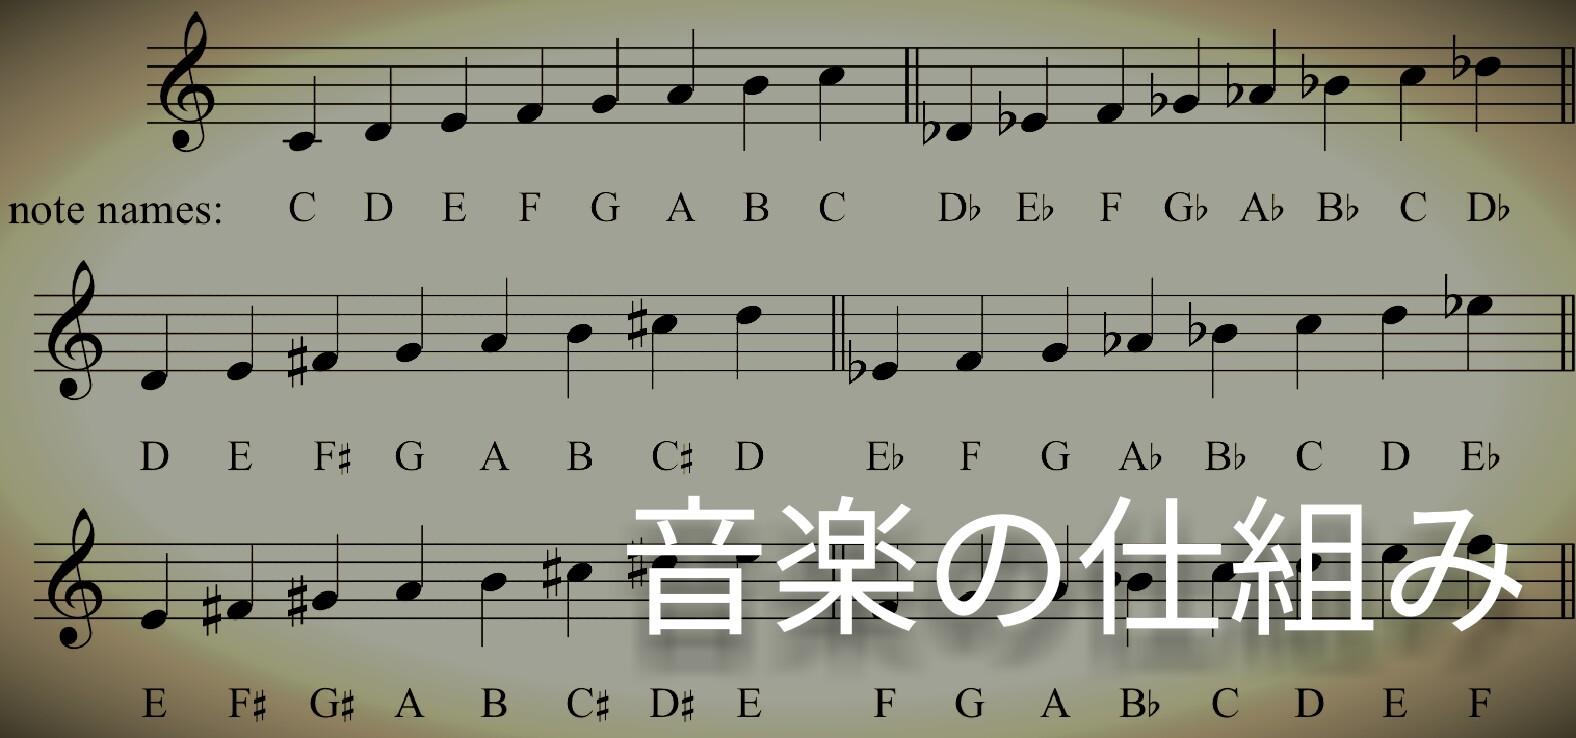 【コラム】音楽の仕組み #5「コードネームと数字」 /加度 克紘